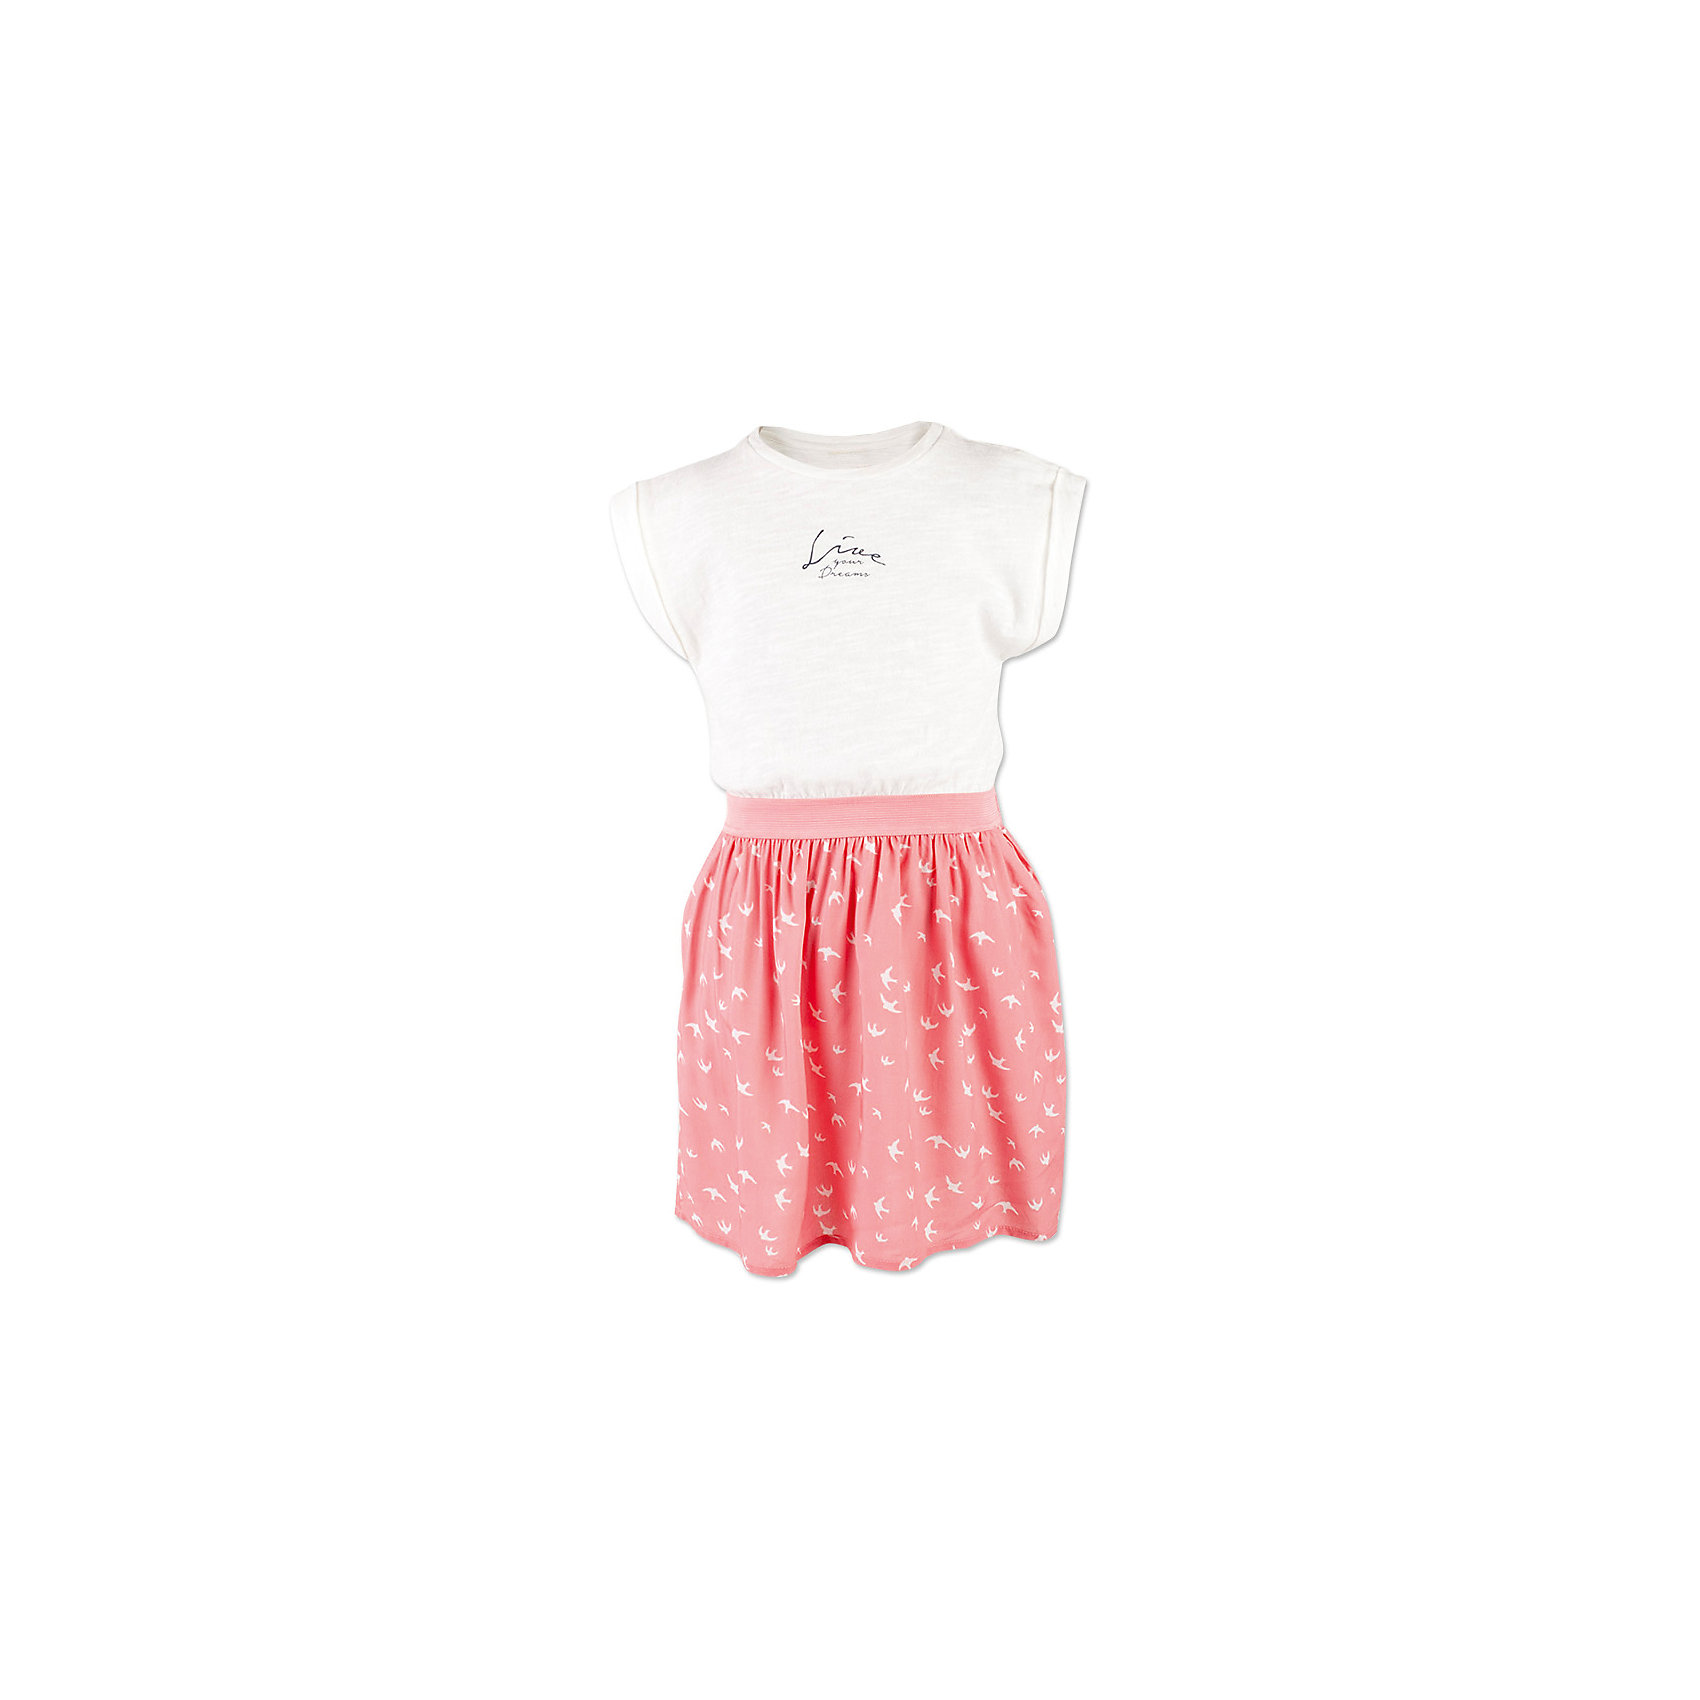 Платье для девочки  BUTTON BLUEПлатье для девочки  BUTTON BLUE<br>Прекрасный летний вариант - комбинированное детское платье из однотонного трикотажа и текстиля в мелкий рисунок. Модный силуэт, комфортная форма делают платье для девочки отличным решением для каждого дня лета. Если вы хотите приобрести одновременно и красивую, и практичную, и удобную вещь, вам стоит купить детское платье от Button Blue. Низкая цена не окажет влияния на бюджет семьи, позволив создать яркий базовый гардероб для долгожданных каникул!<br>Состав:<br>100%  хлопок/ 100%  вискоза<br><br>Ширина мм: 236<br>Глубина мм: 16<br>Высота мм: 184<br>Вес г: 177<br>Цвет: коралловый<br>Возраст от месяцев: 108<br>Возраст до месяцев: 120<br>Пол: Женский<br>Возраст: Детский<br>Размер: 140,146,152,158,98,104,110,116,122,128,134<br>SKU: 5523307